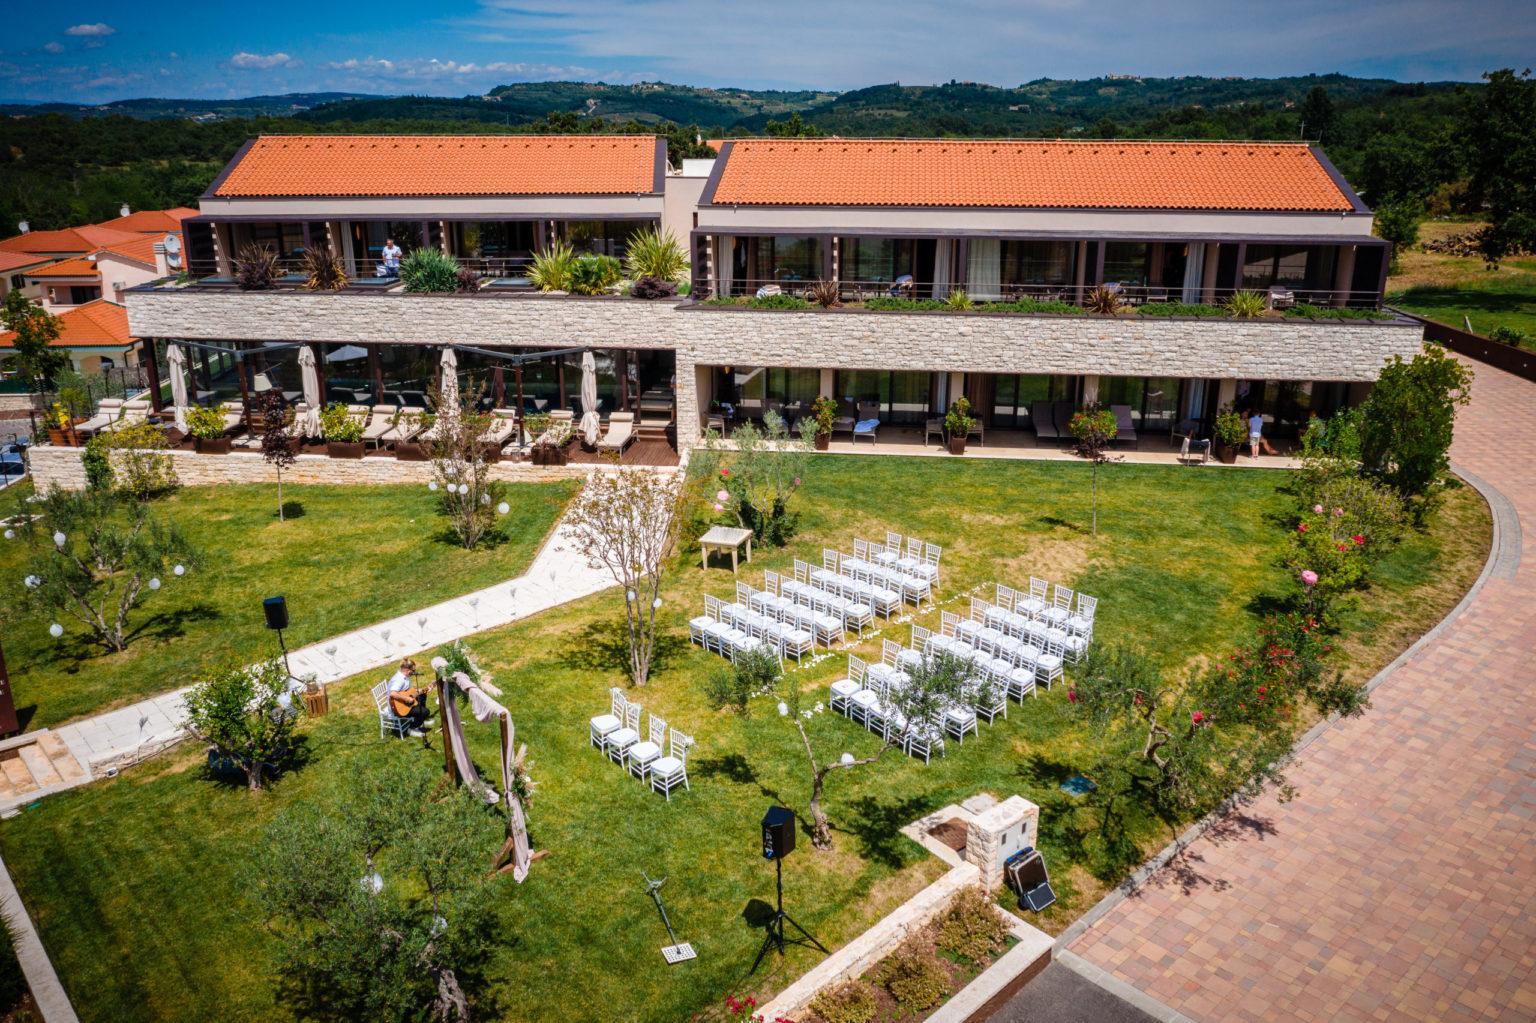 hochzeitslocation Kroatien location hochzeit heiraten 14 1 scaled - Hotel der Jahreszeiten